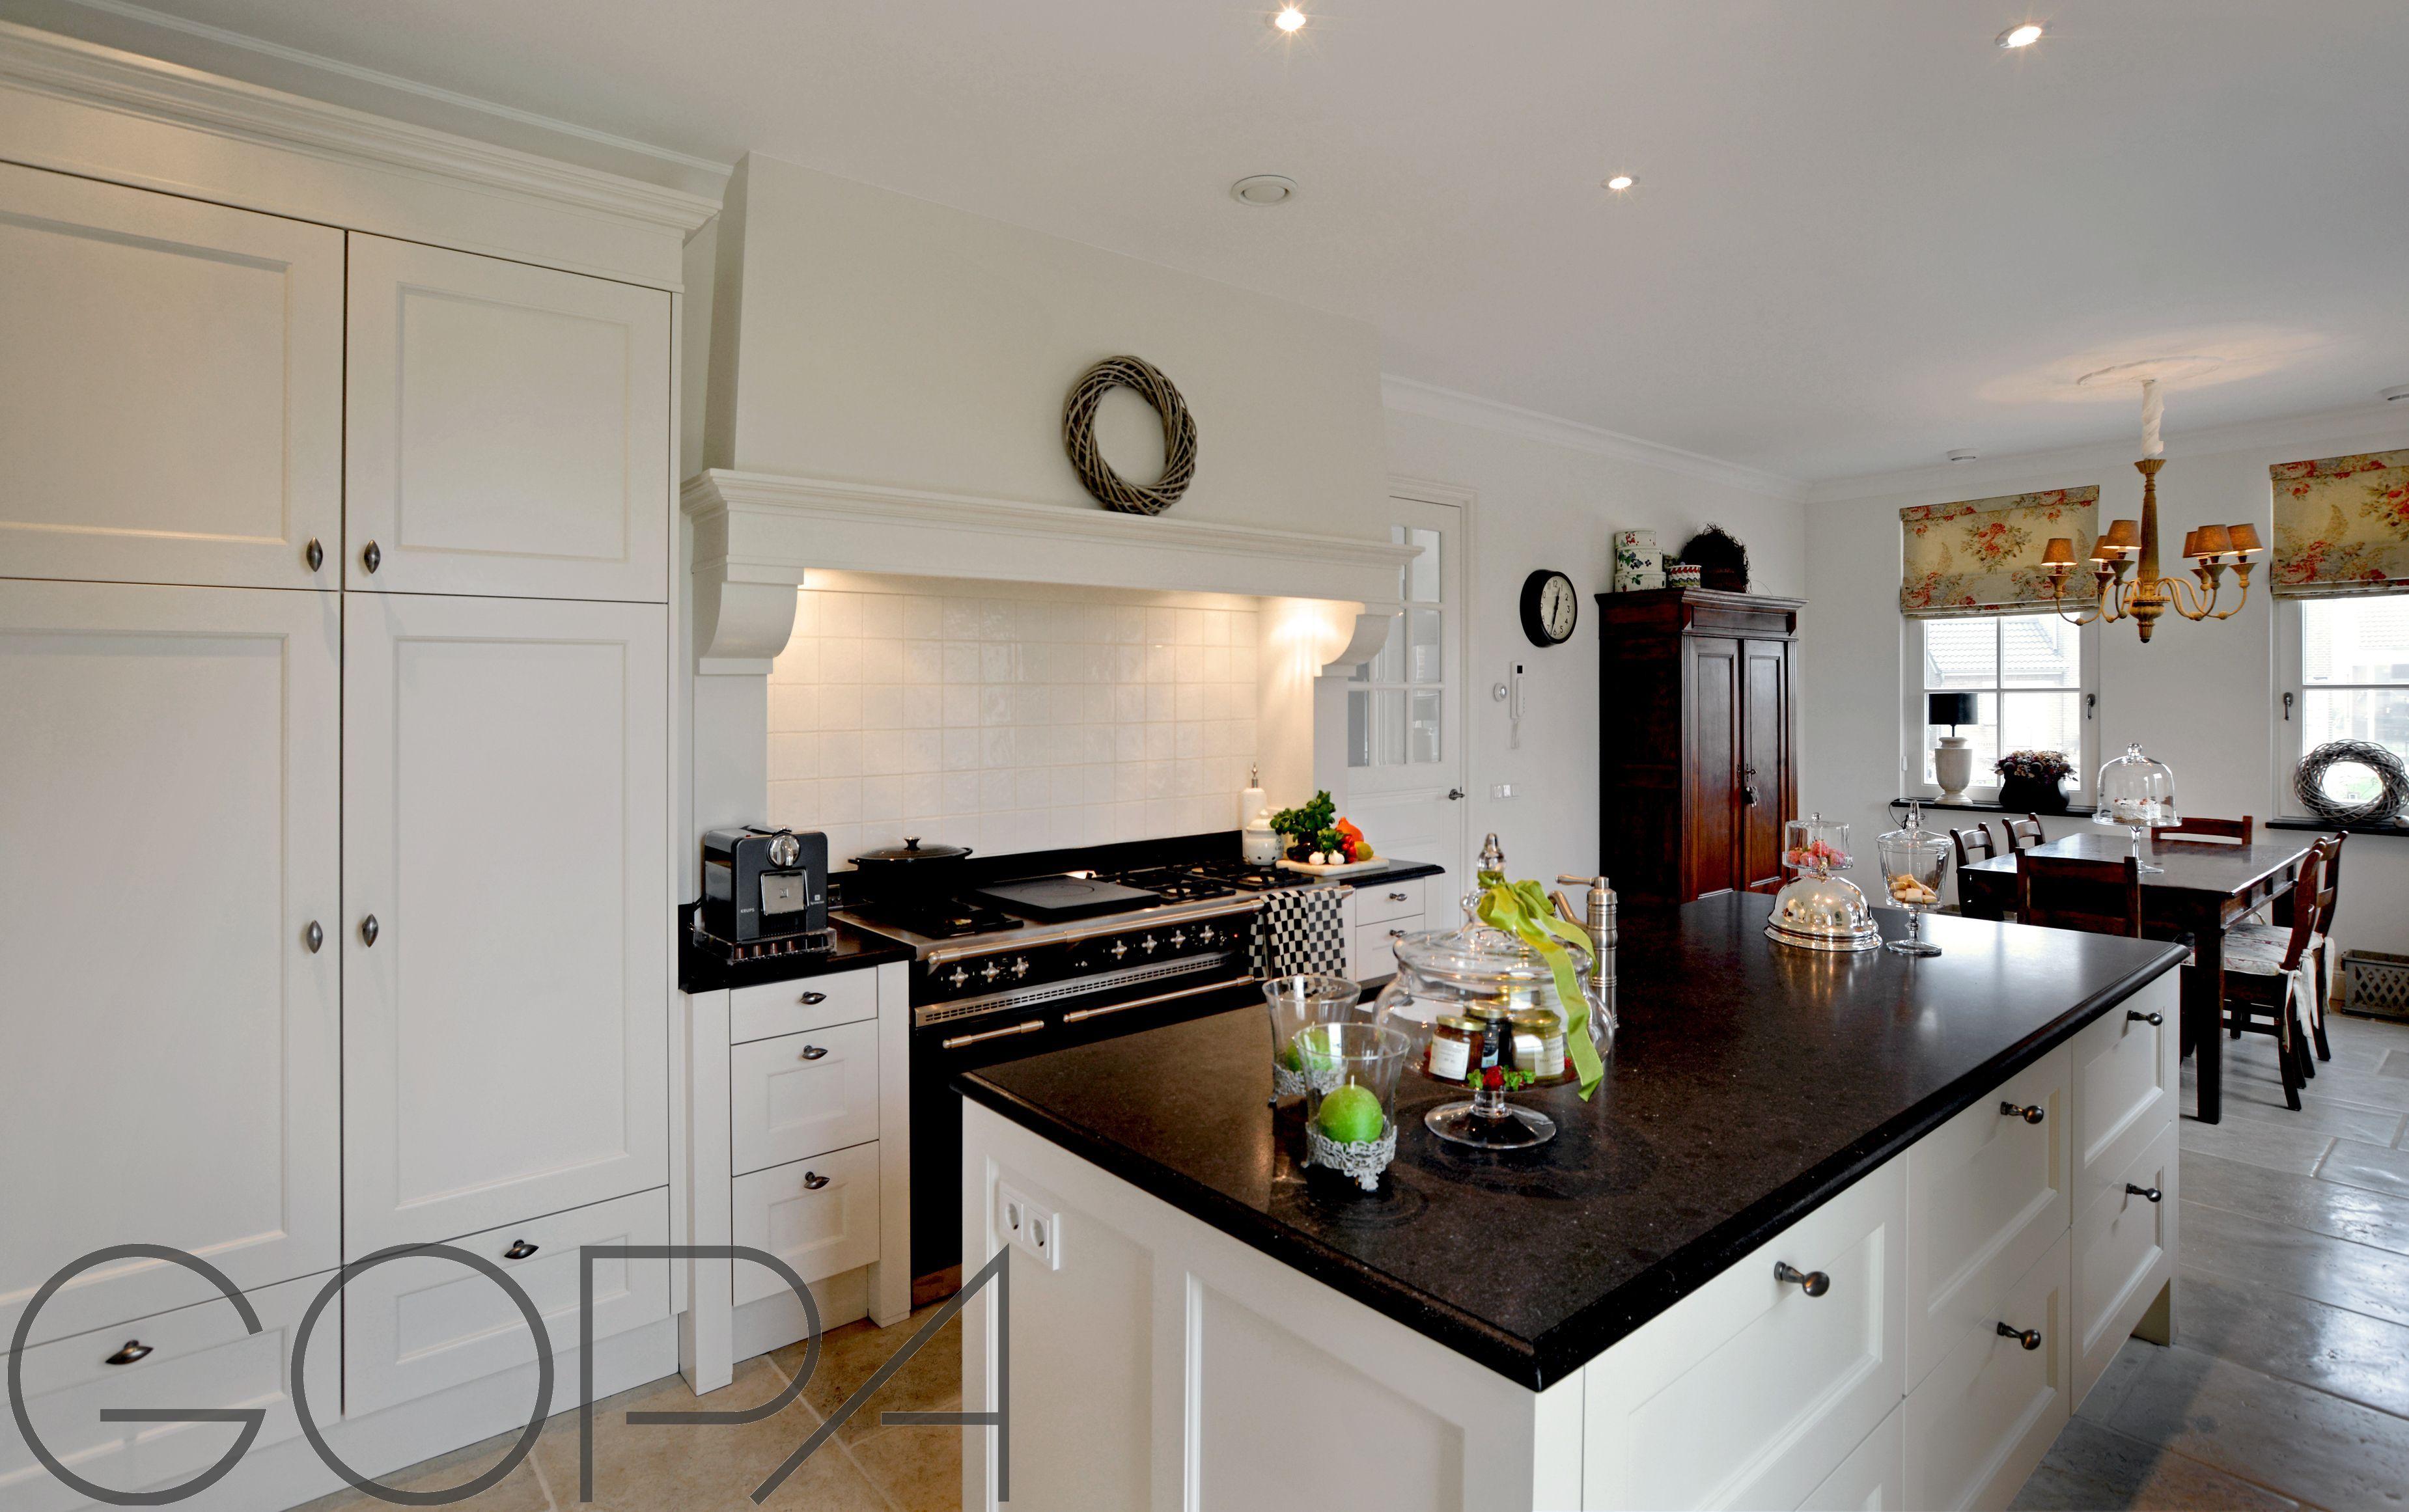 Landelijke lichte keuken met granieten werkblad in belgian blue